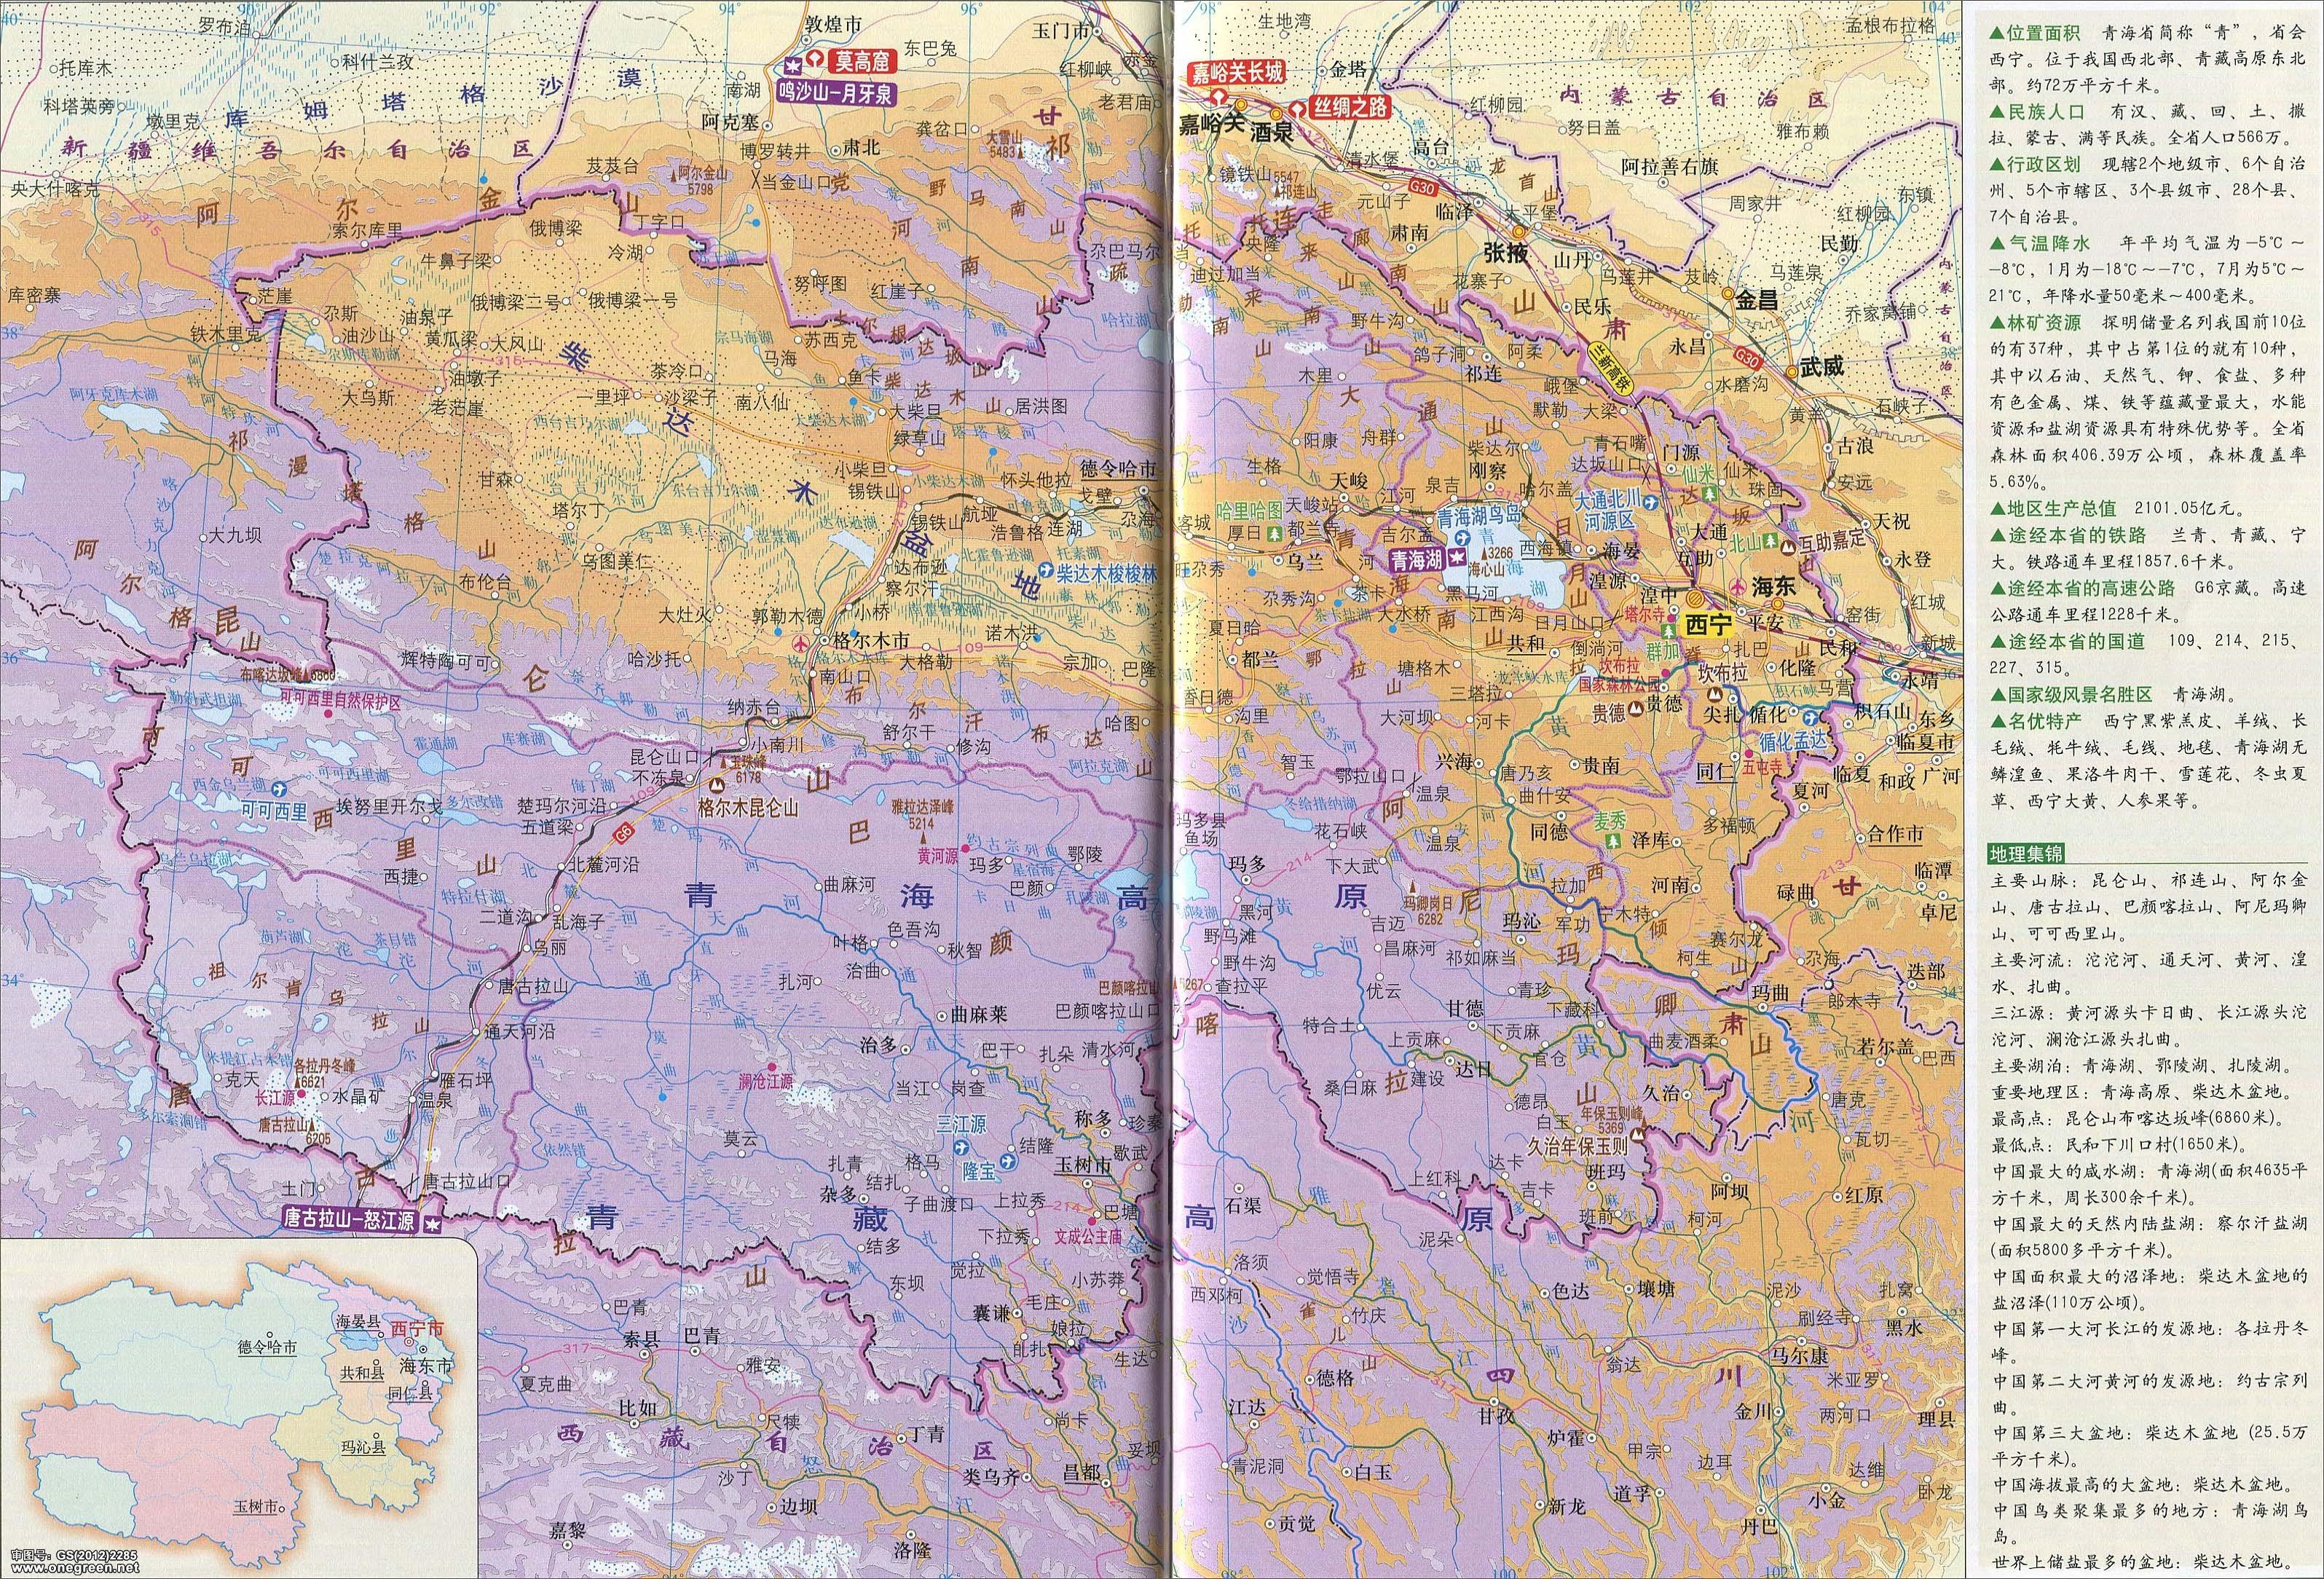 青海省地图地形版